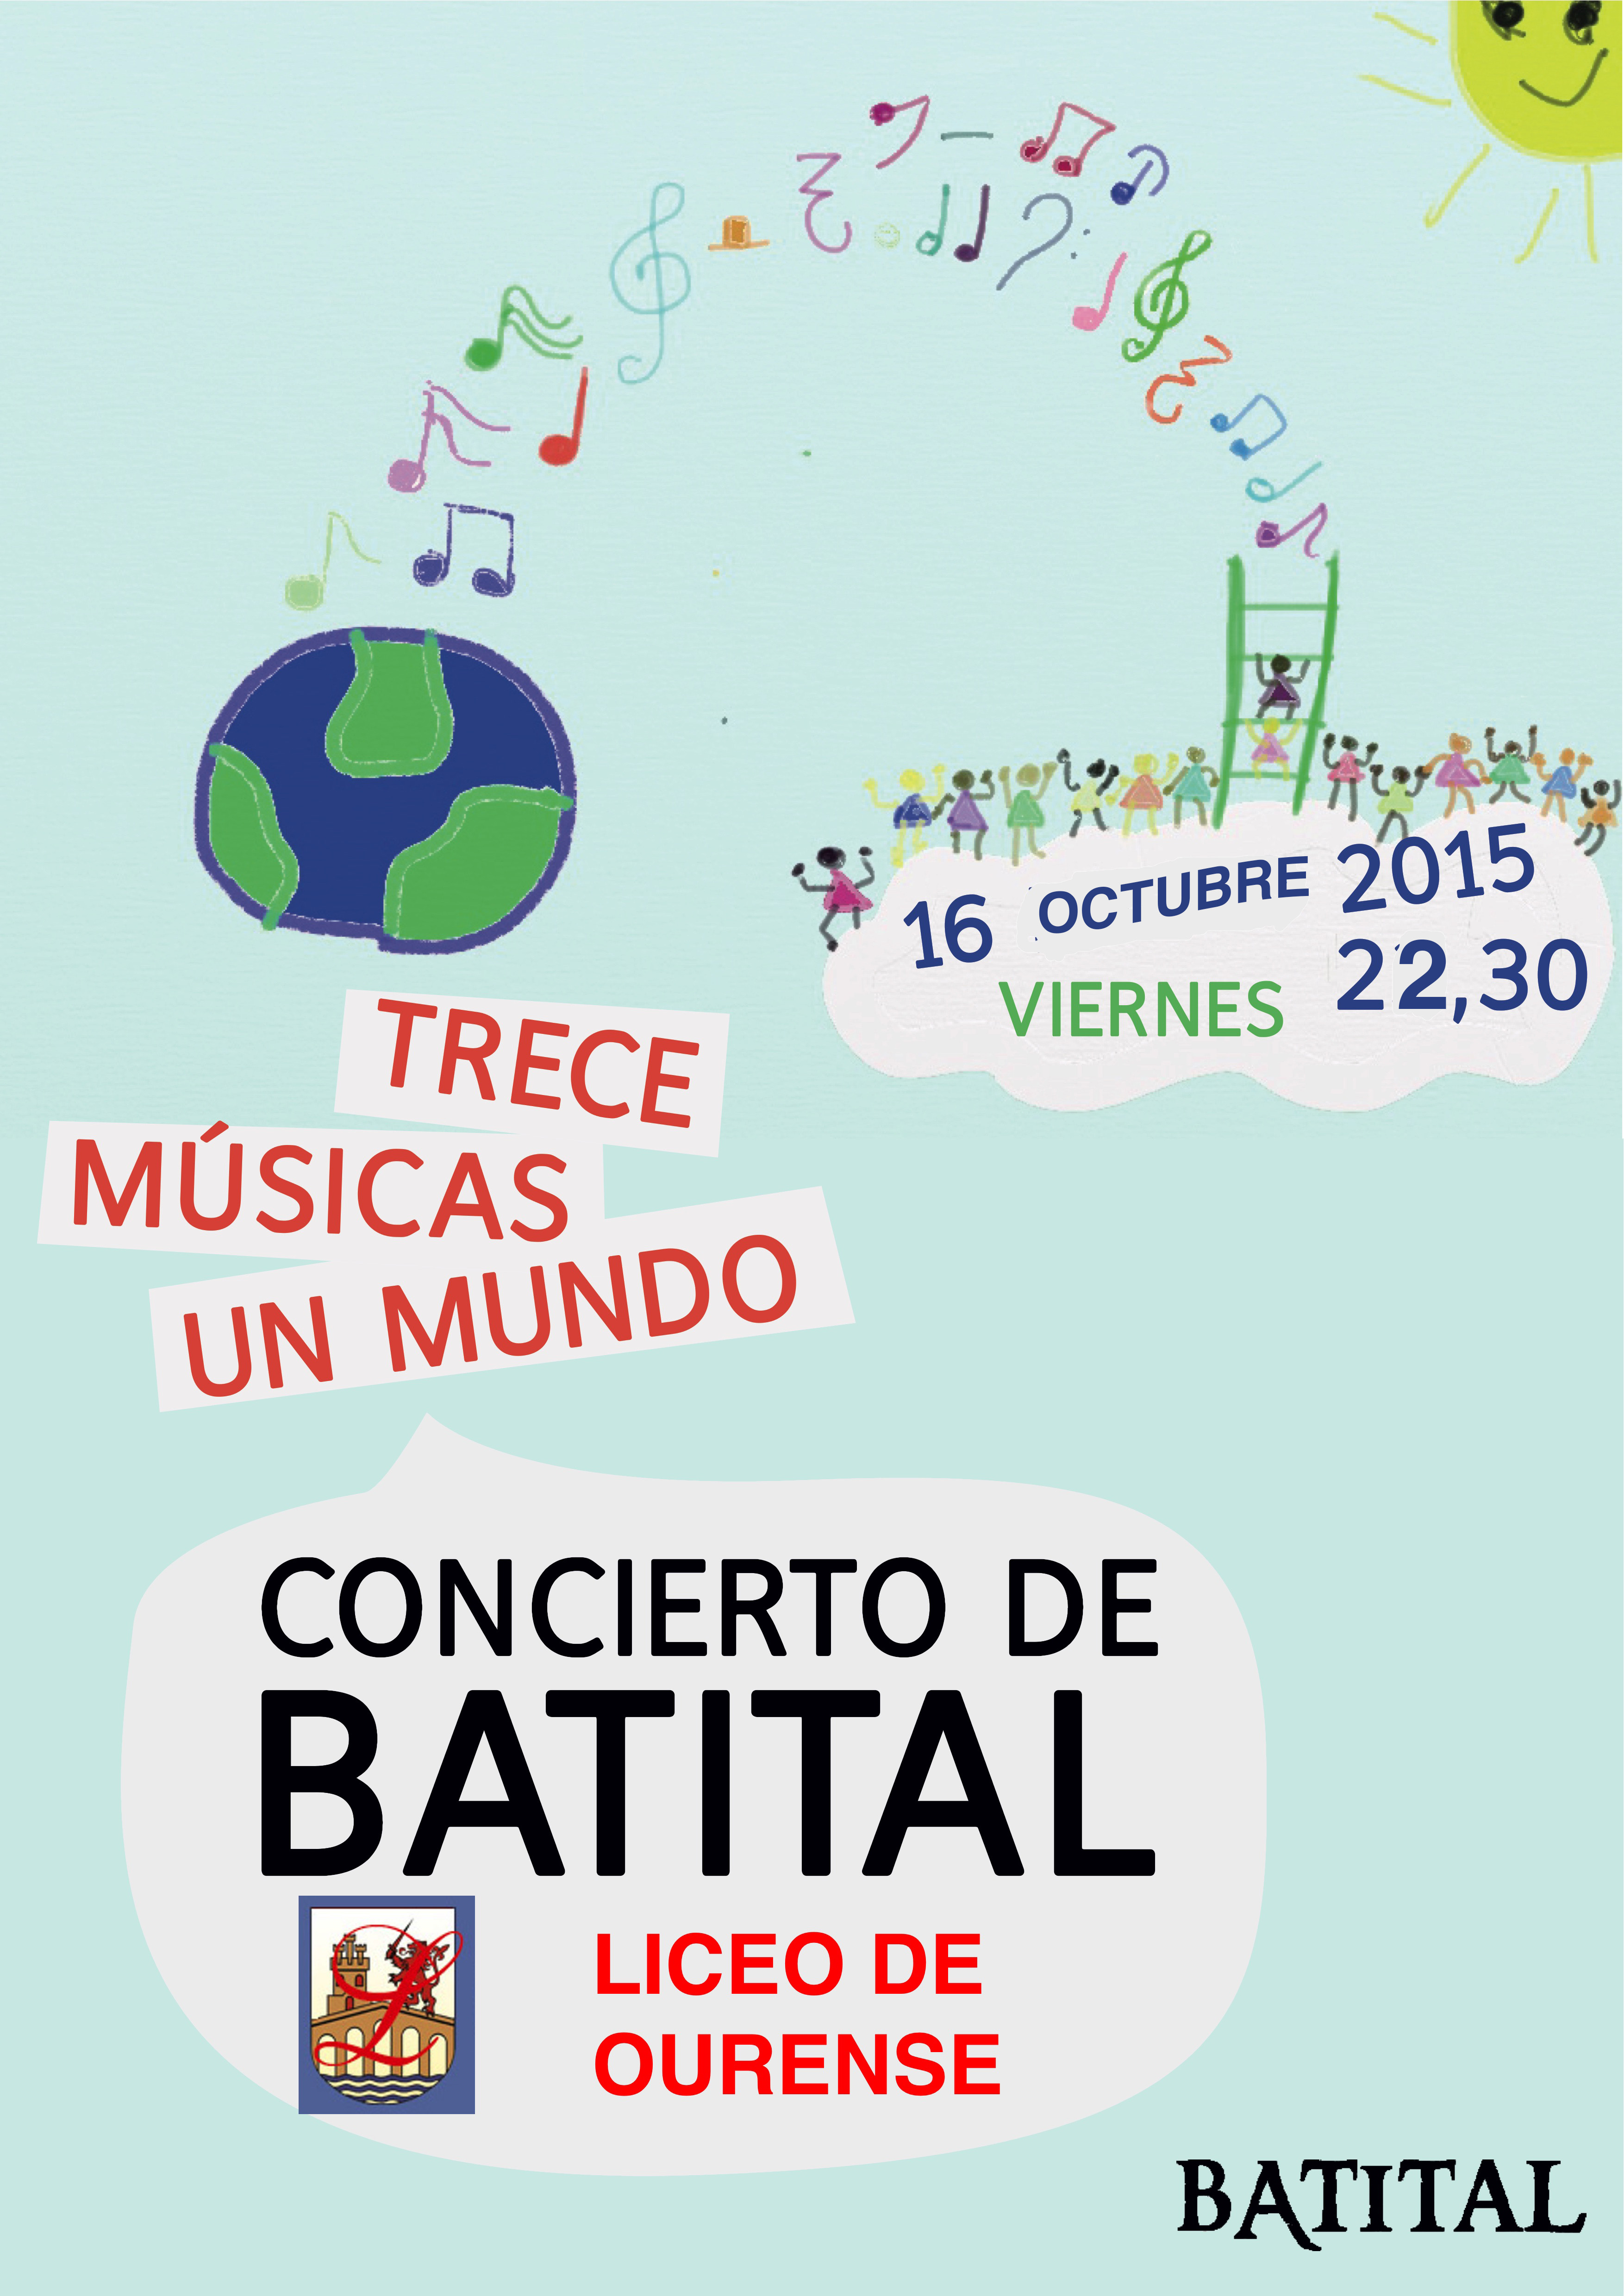 batital LICEO DE OURENSE